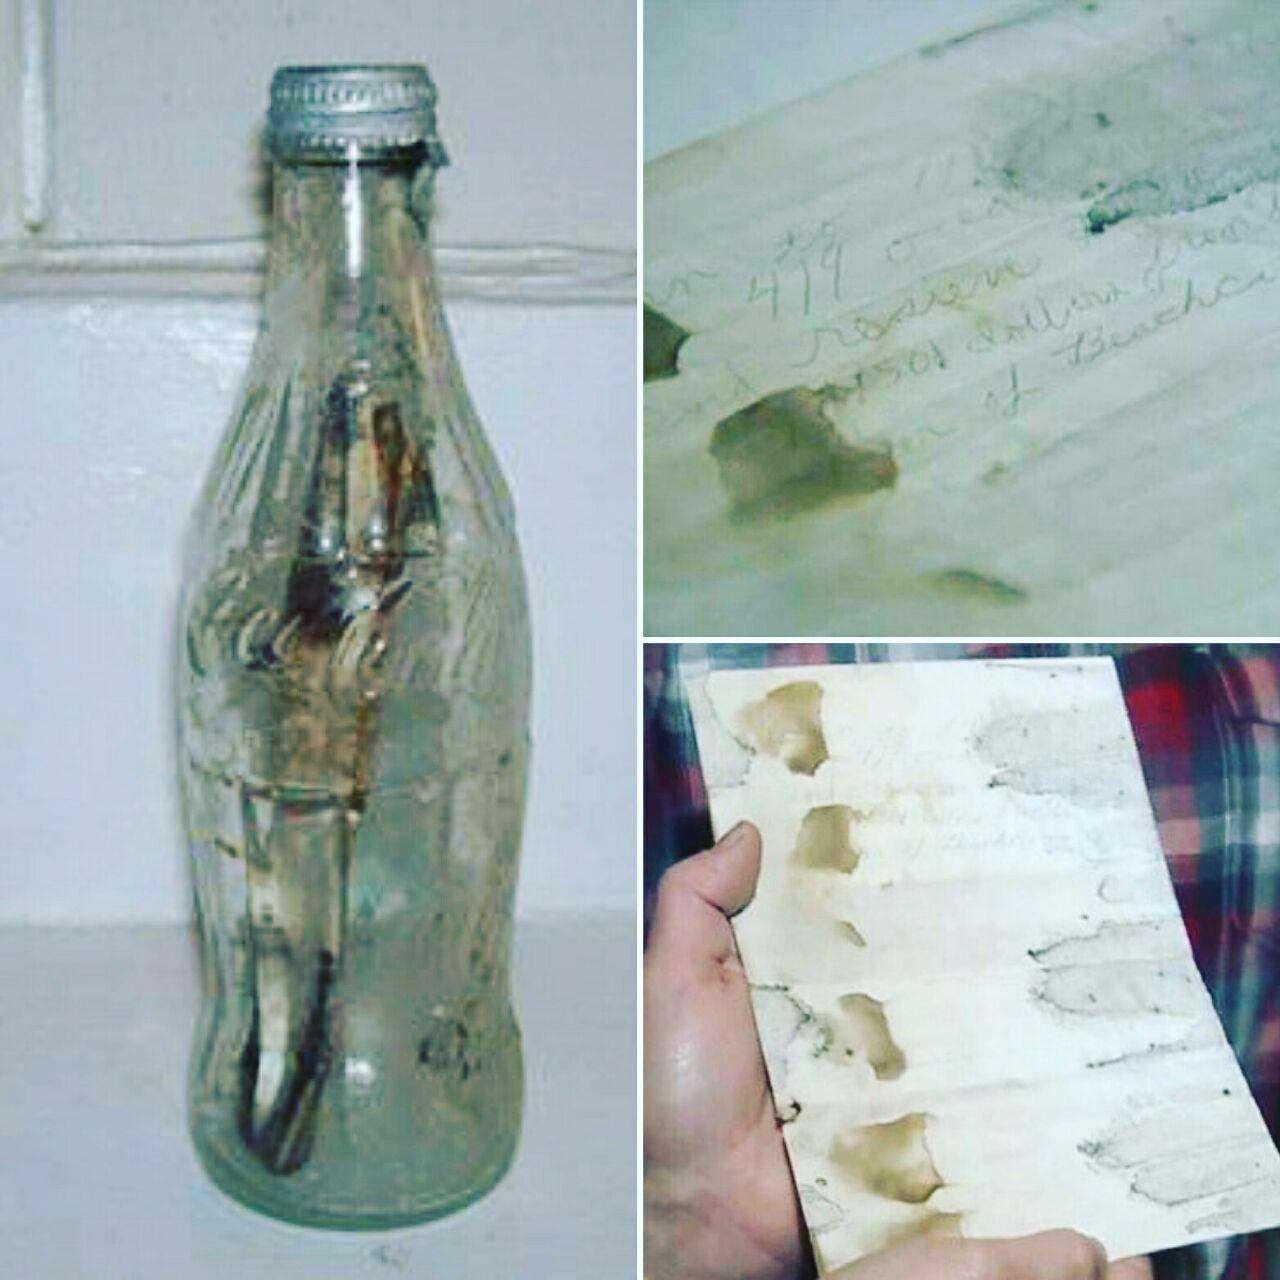 یک مرد آمریکایی بطری حاوی نامه قدیمی را پیدا کرد که 50 سال قبل توسط یک خانواده که به سواحل کارائیب سفر کرده بودند، نوشته شده بود